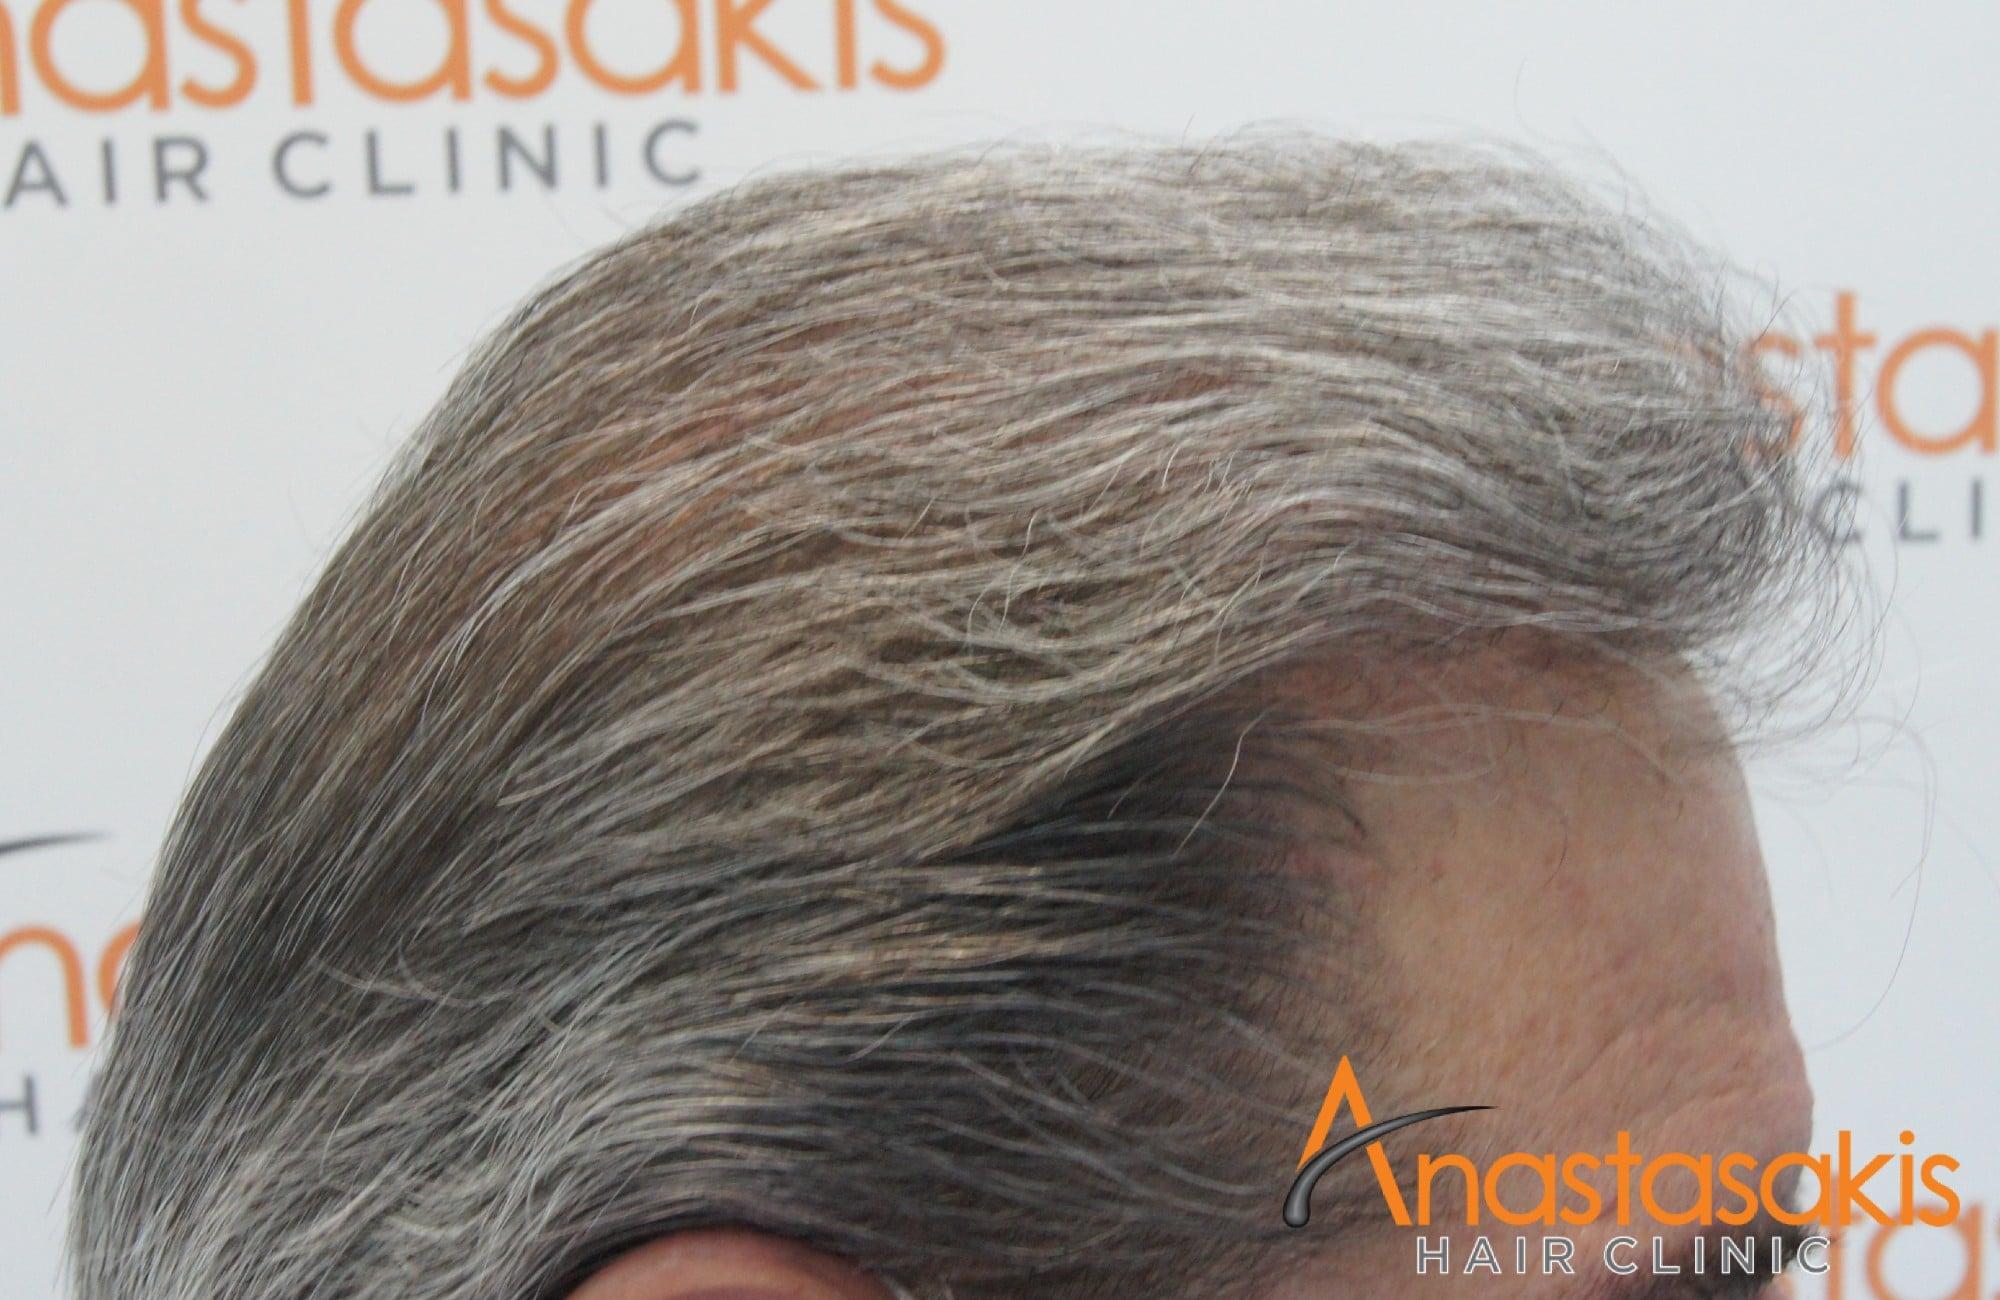 δεξι προφιλ 10 μηνες μετα τη μεταμοσχευση μαλλιων με 4008 fus